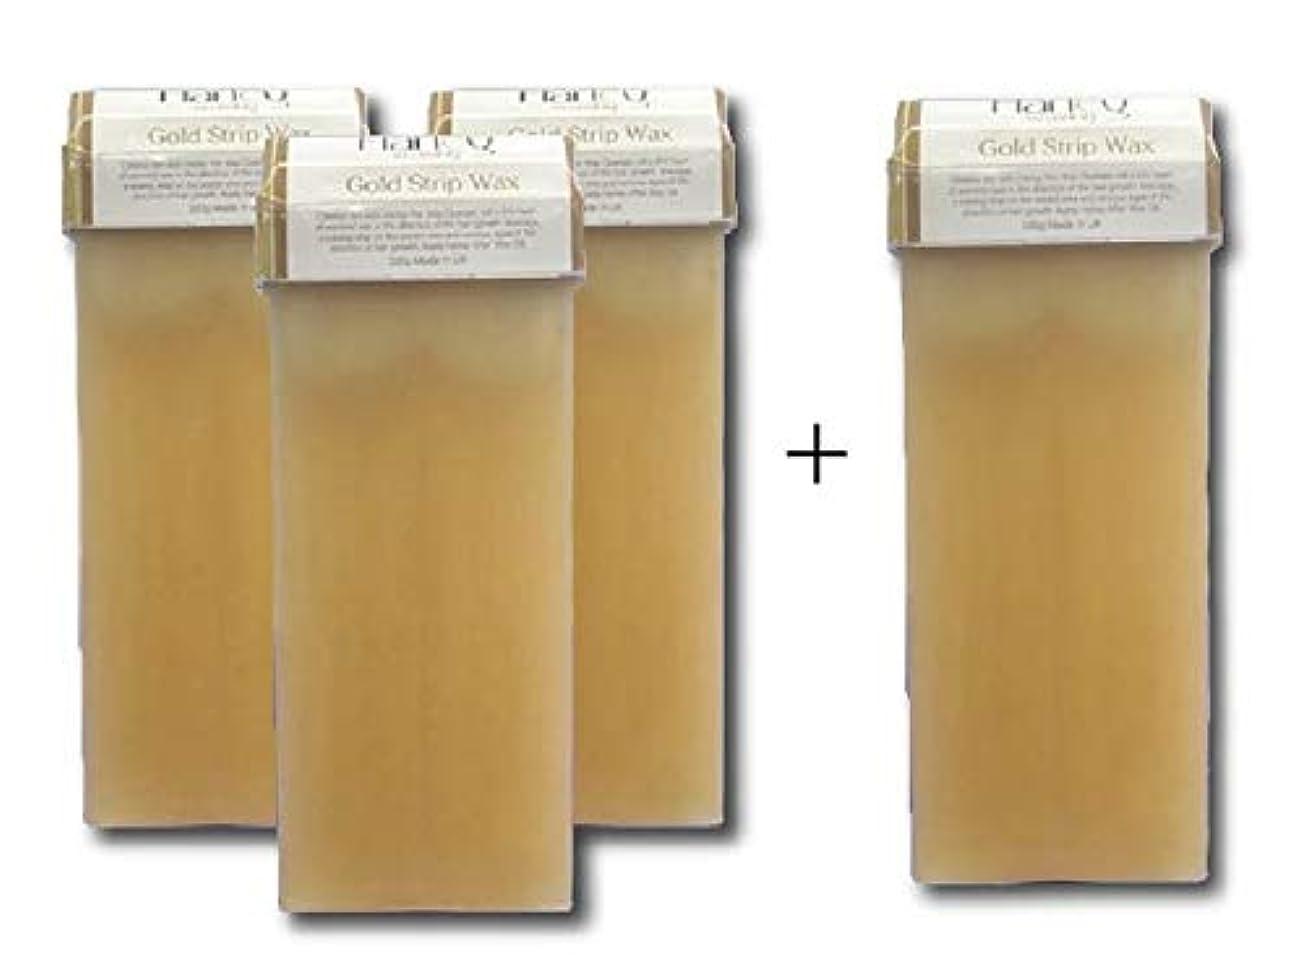 知らせる商品切り離すセルフゴールドワックス(100g) 3本セット + 1本おまけ ブラジリアンワックス